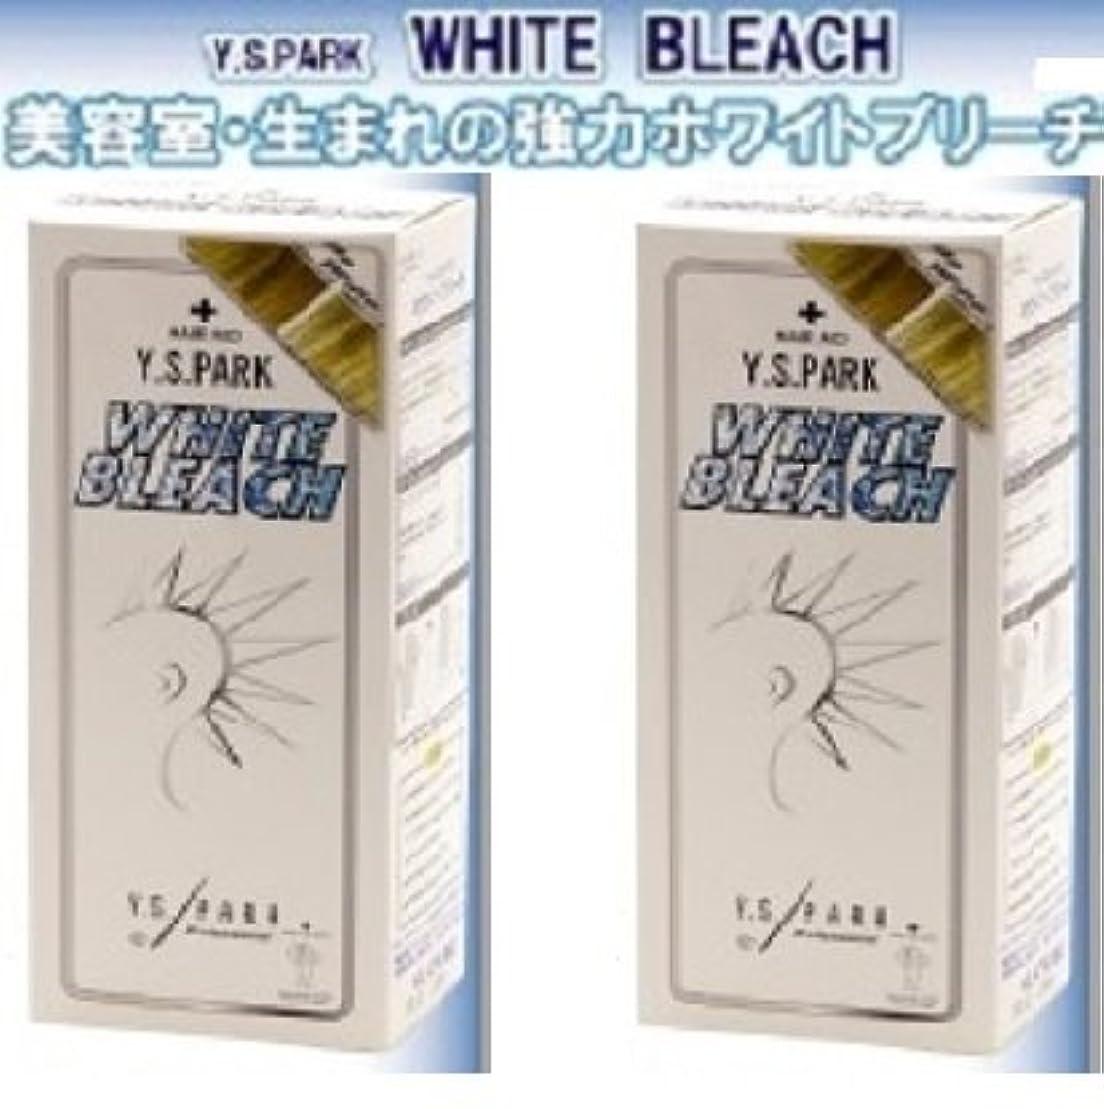 処方する課すインタラクション【YSPARK 】ホワイトブリーチ ×2個セット(お得な2個組)美容室生まれの強力ホワイトブリーチ